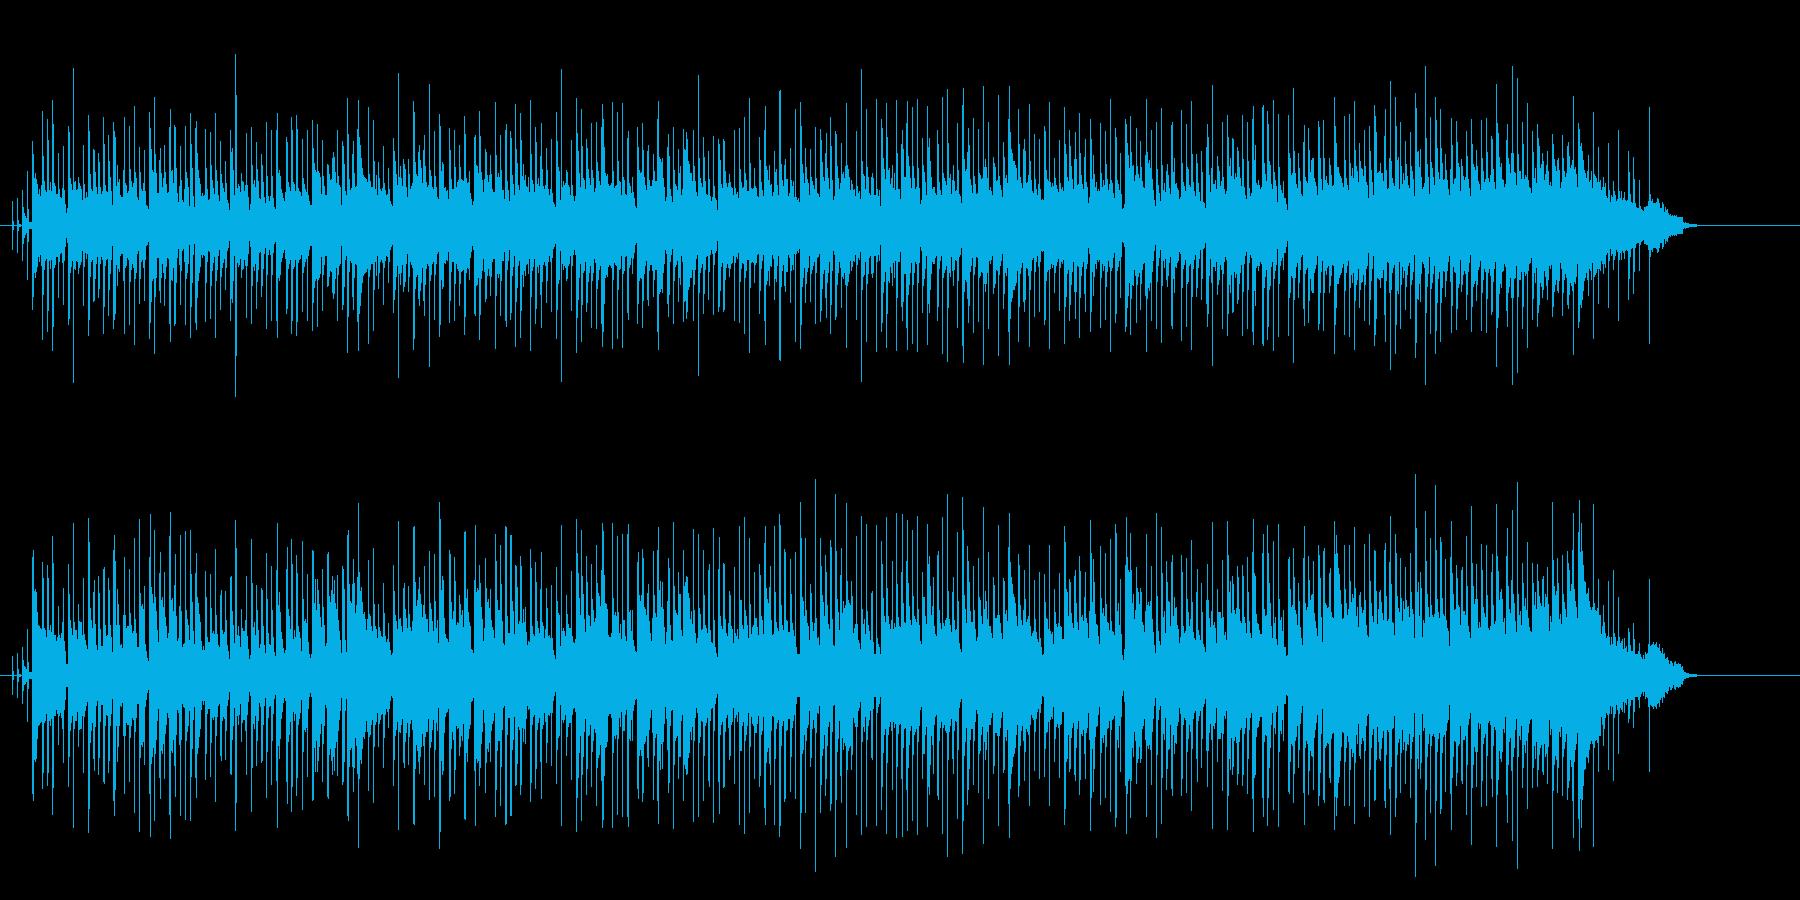 クール&ムーディーなボサノヴァ・サウンドの再生済みの波形